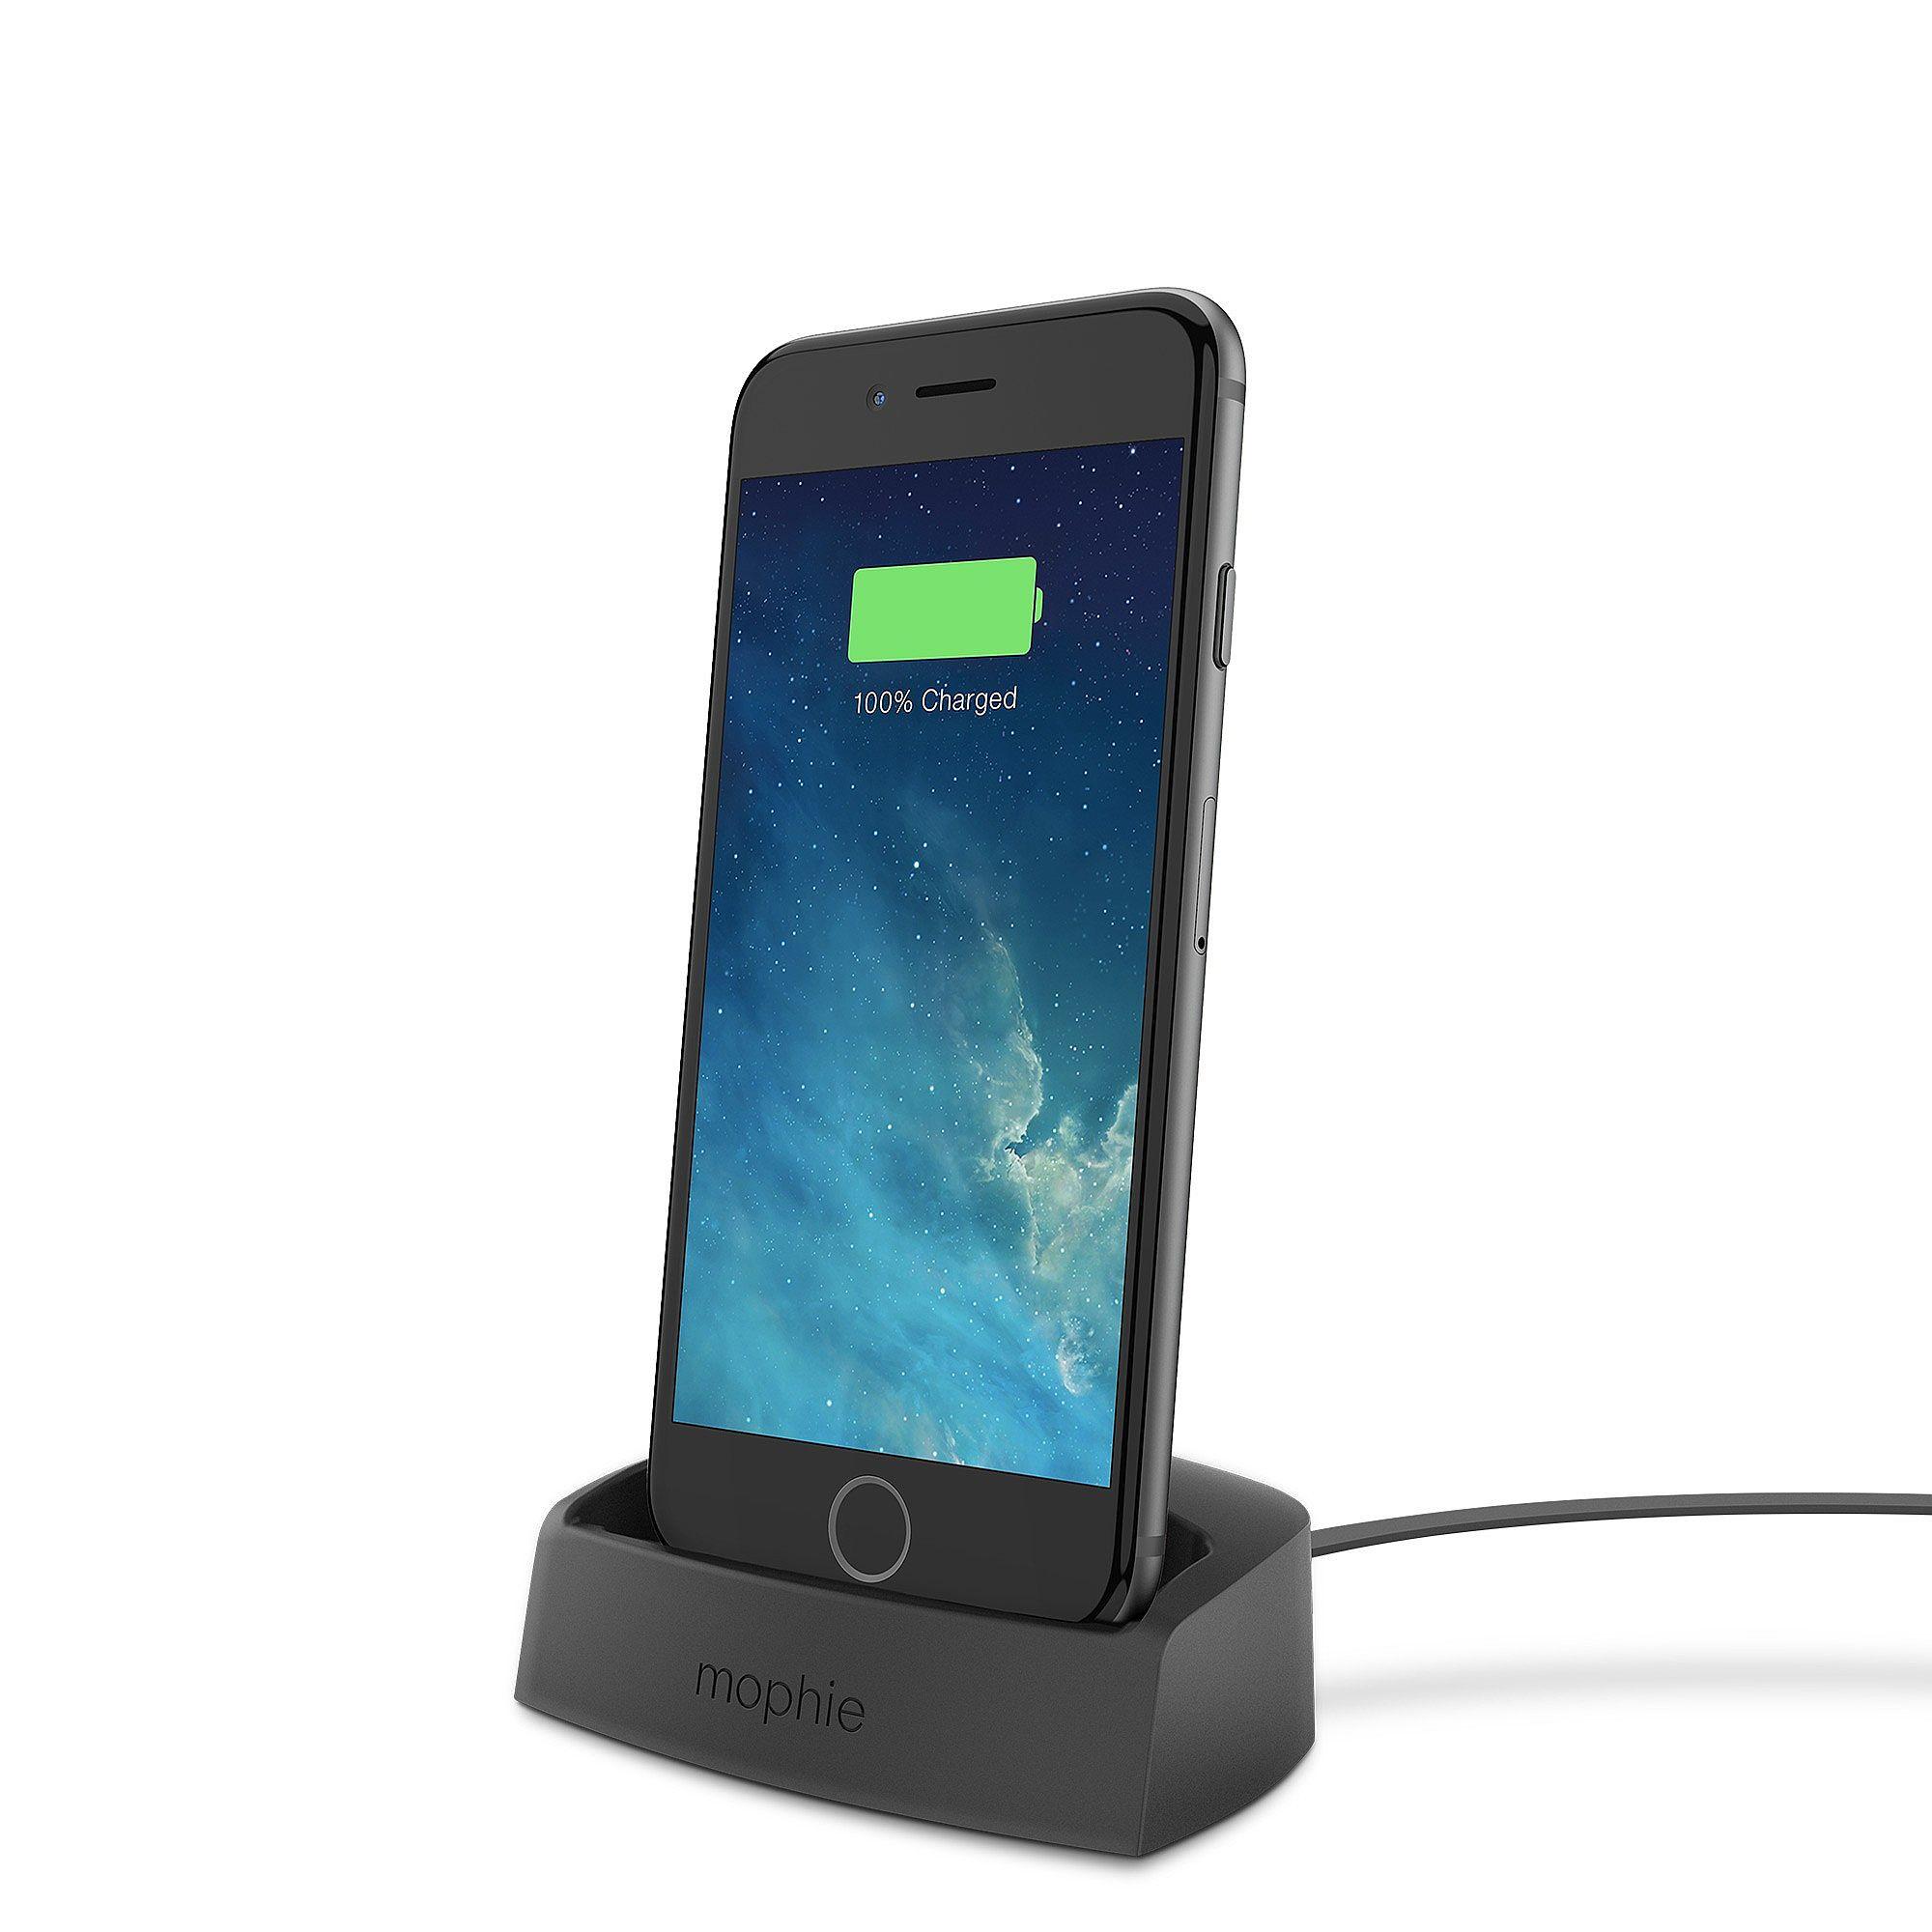 mophie lightning desktop dock for iphone 6 5s 5c 5 black at. Black Bedroom Furniture Sets. Home Design Ideas